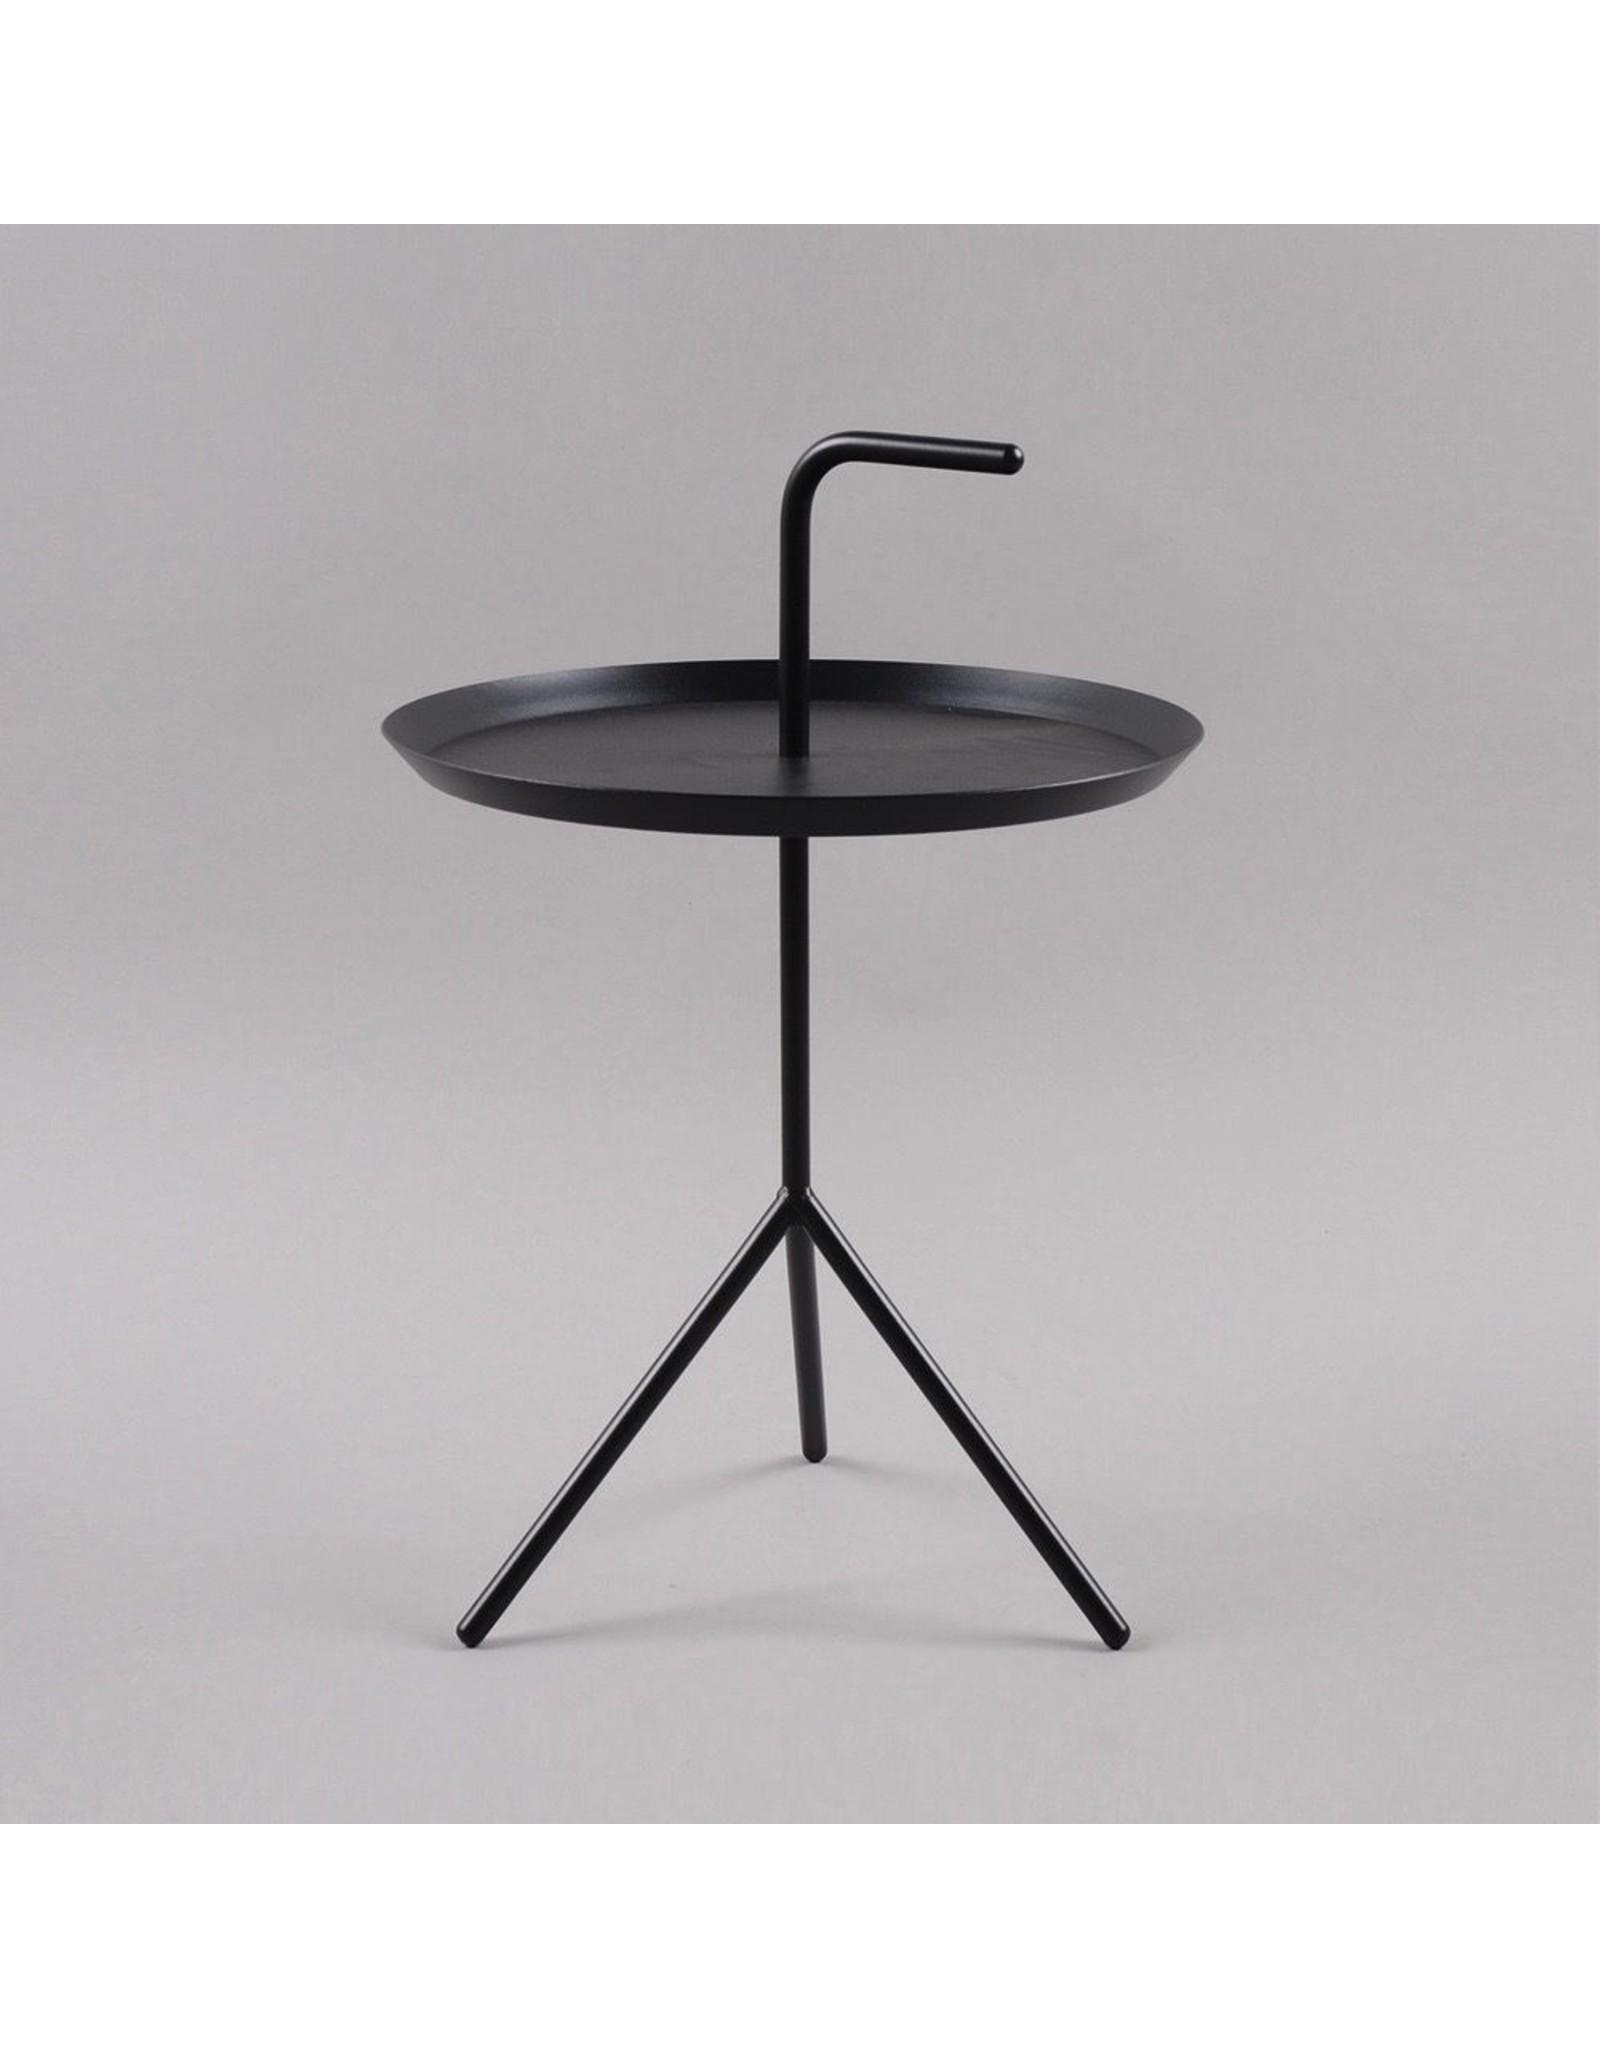 HAY DLM Table Black